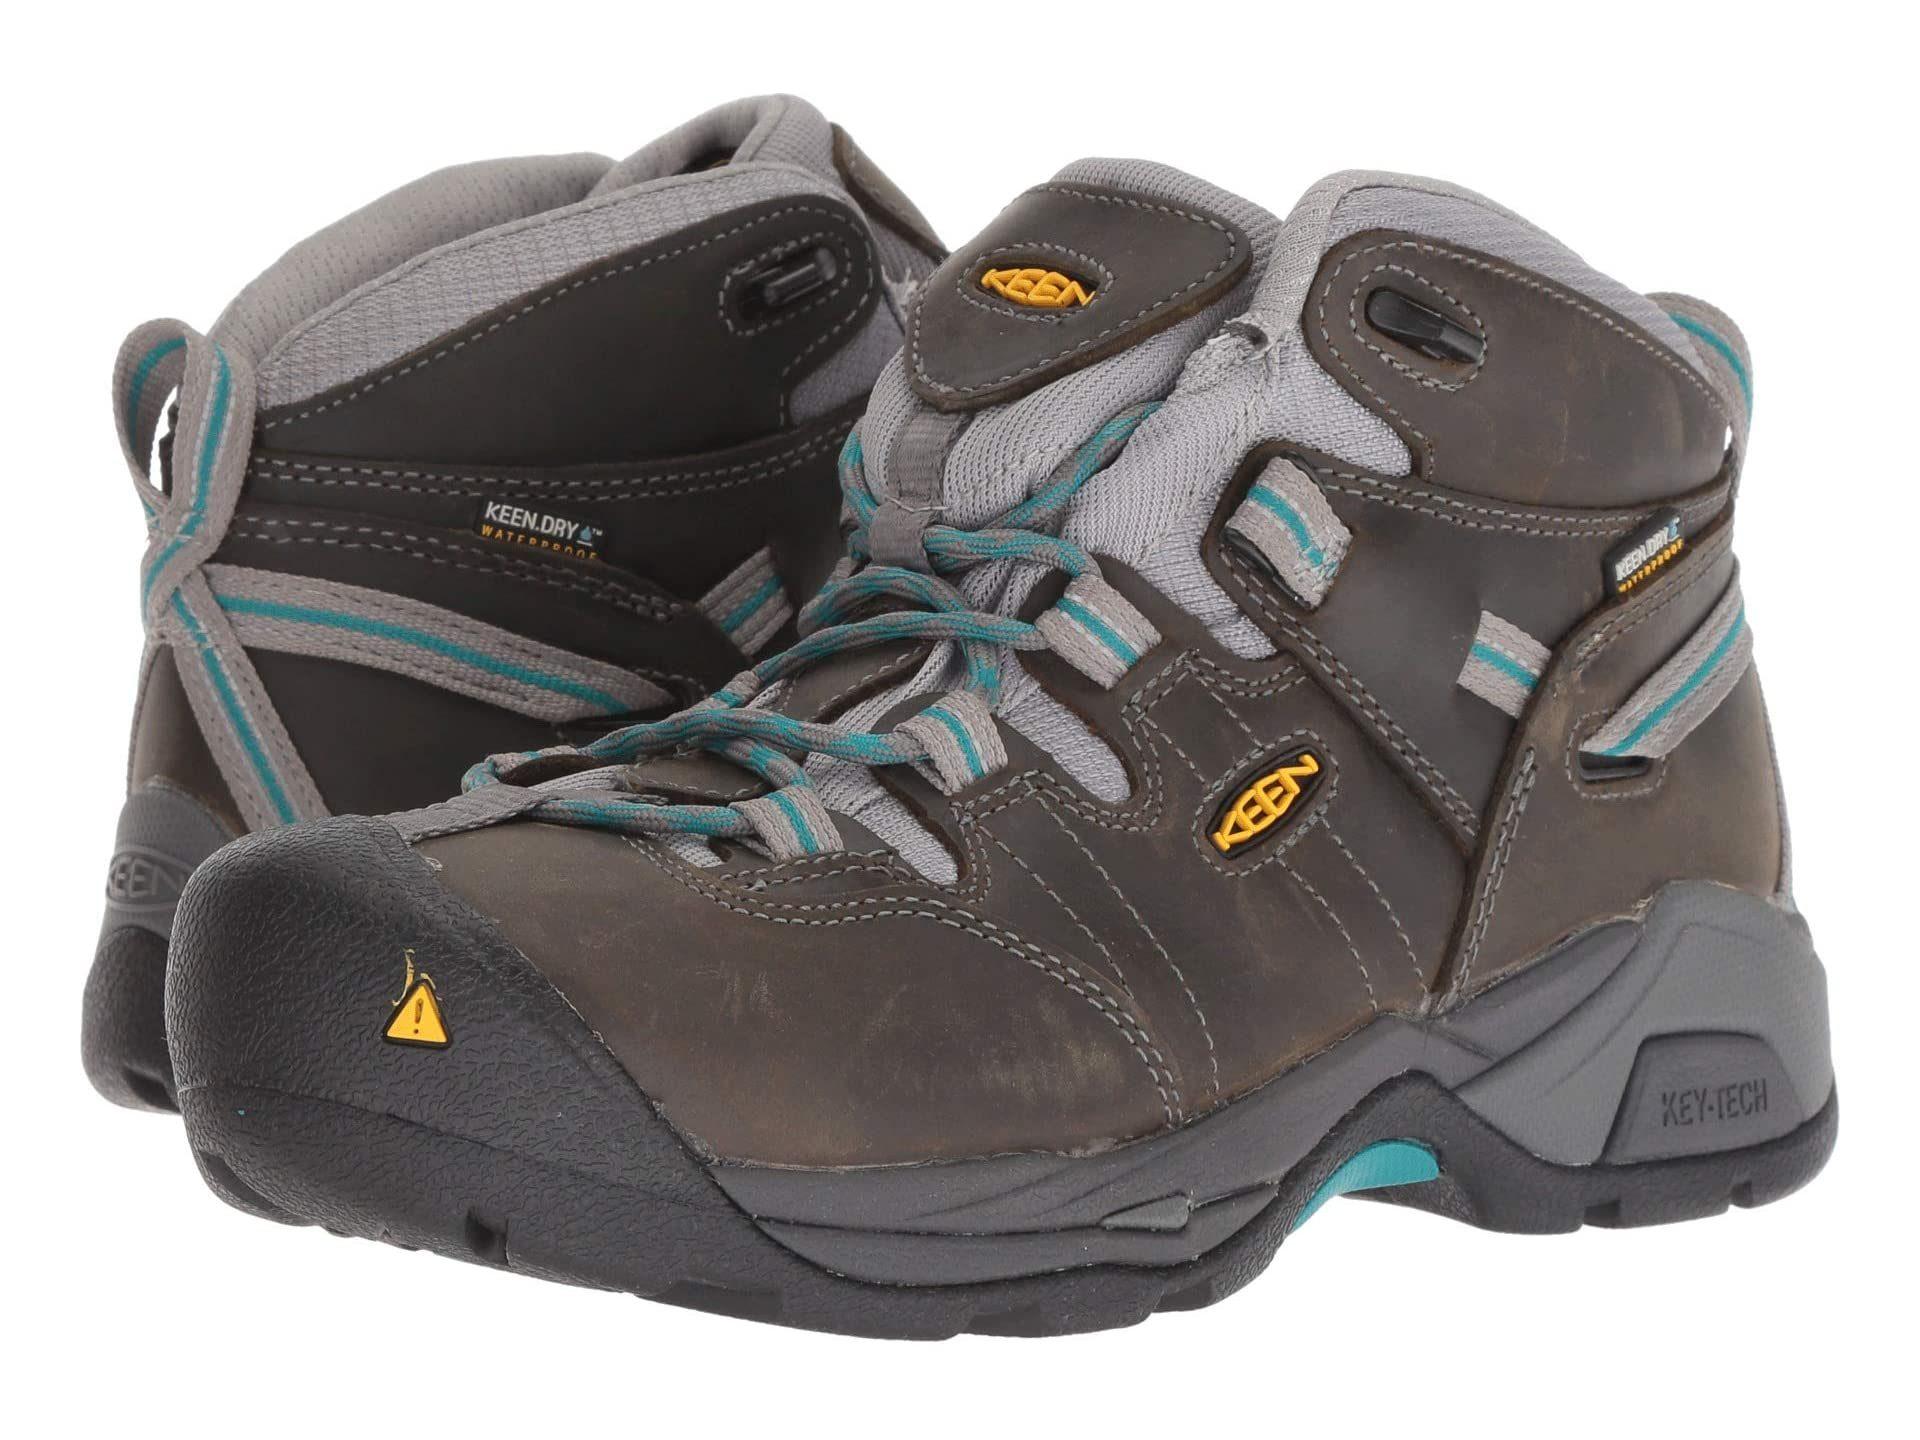 Keen Utility Detroit XT Mid Steel Toe Waterproof work boots